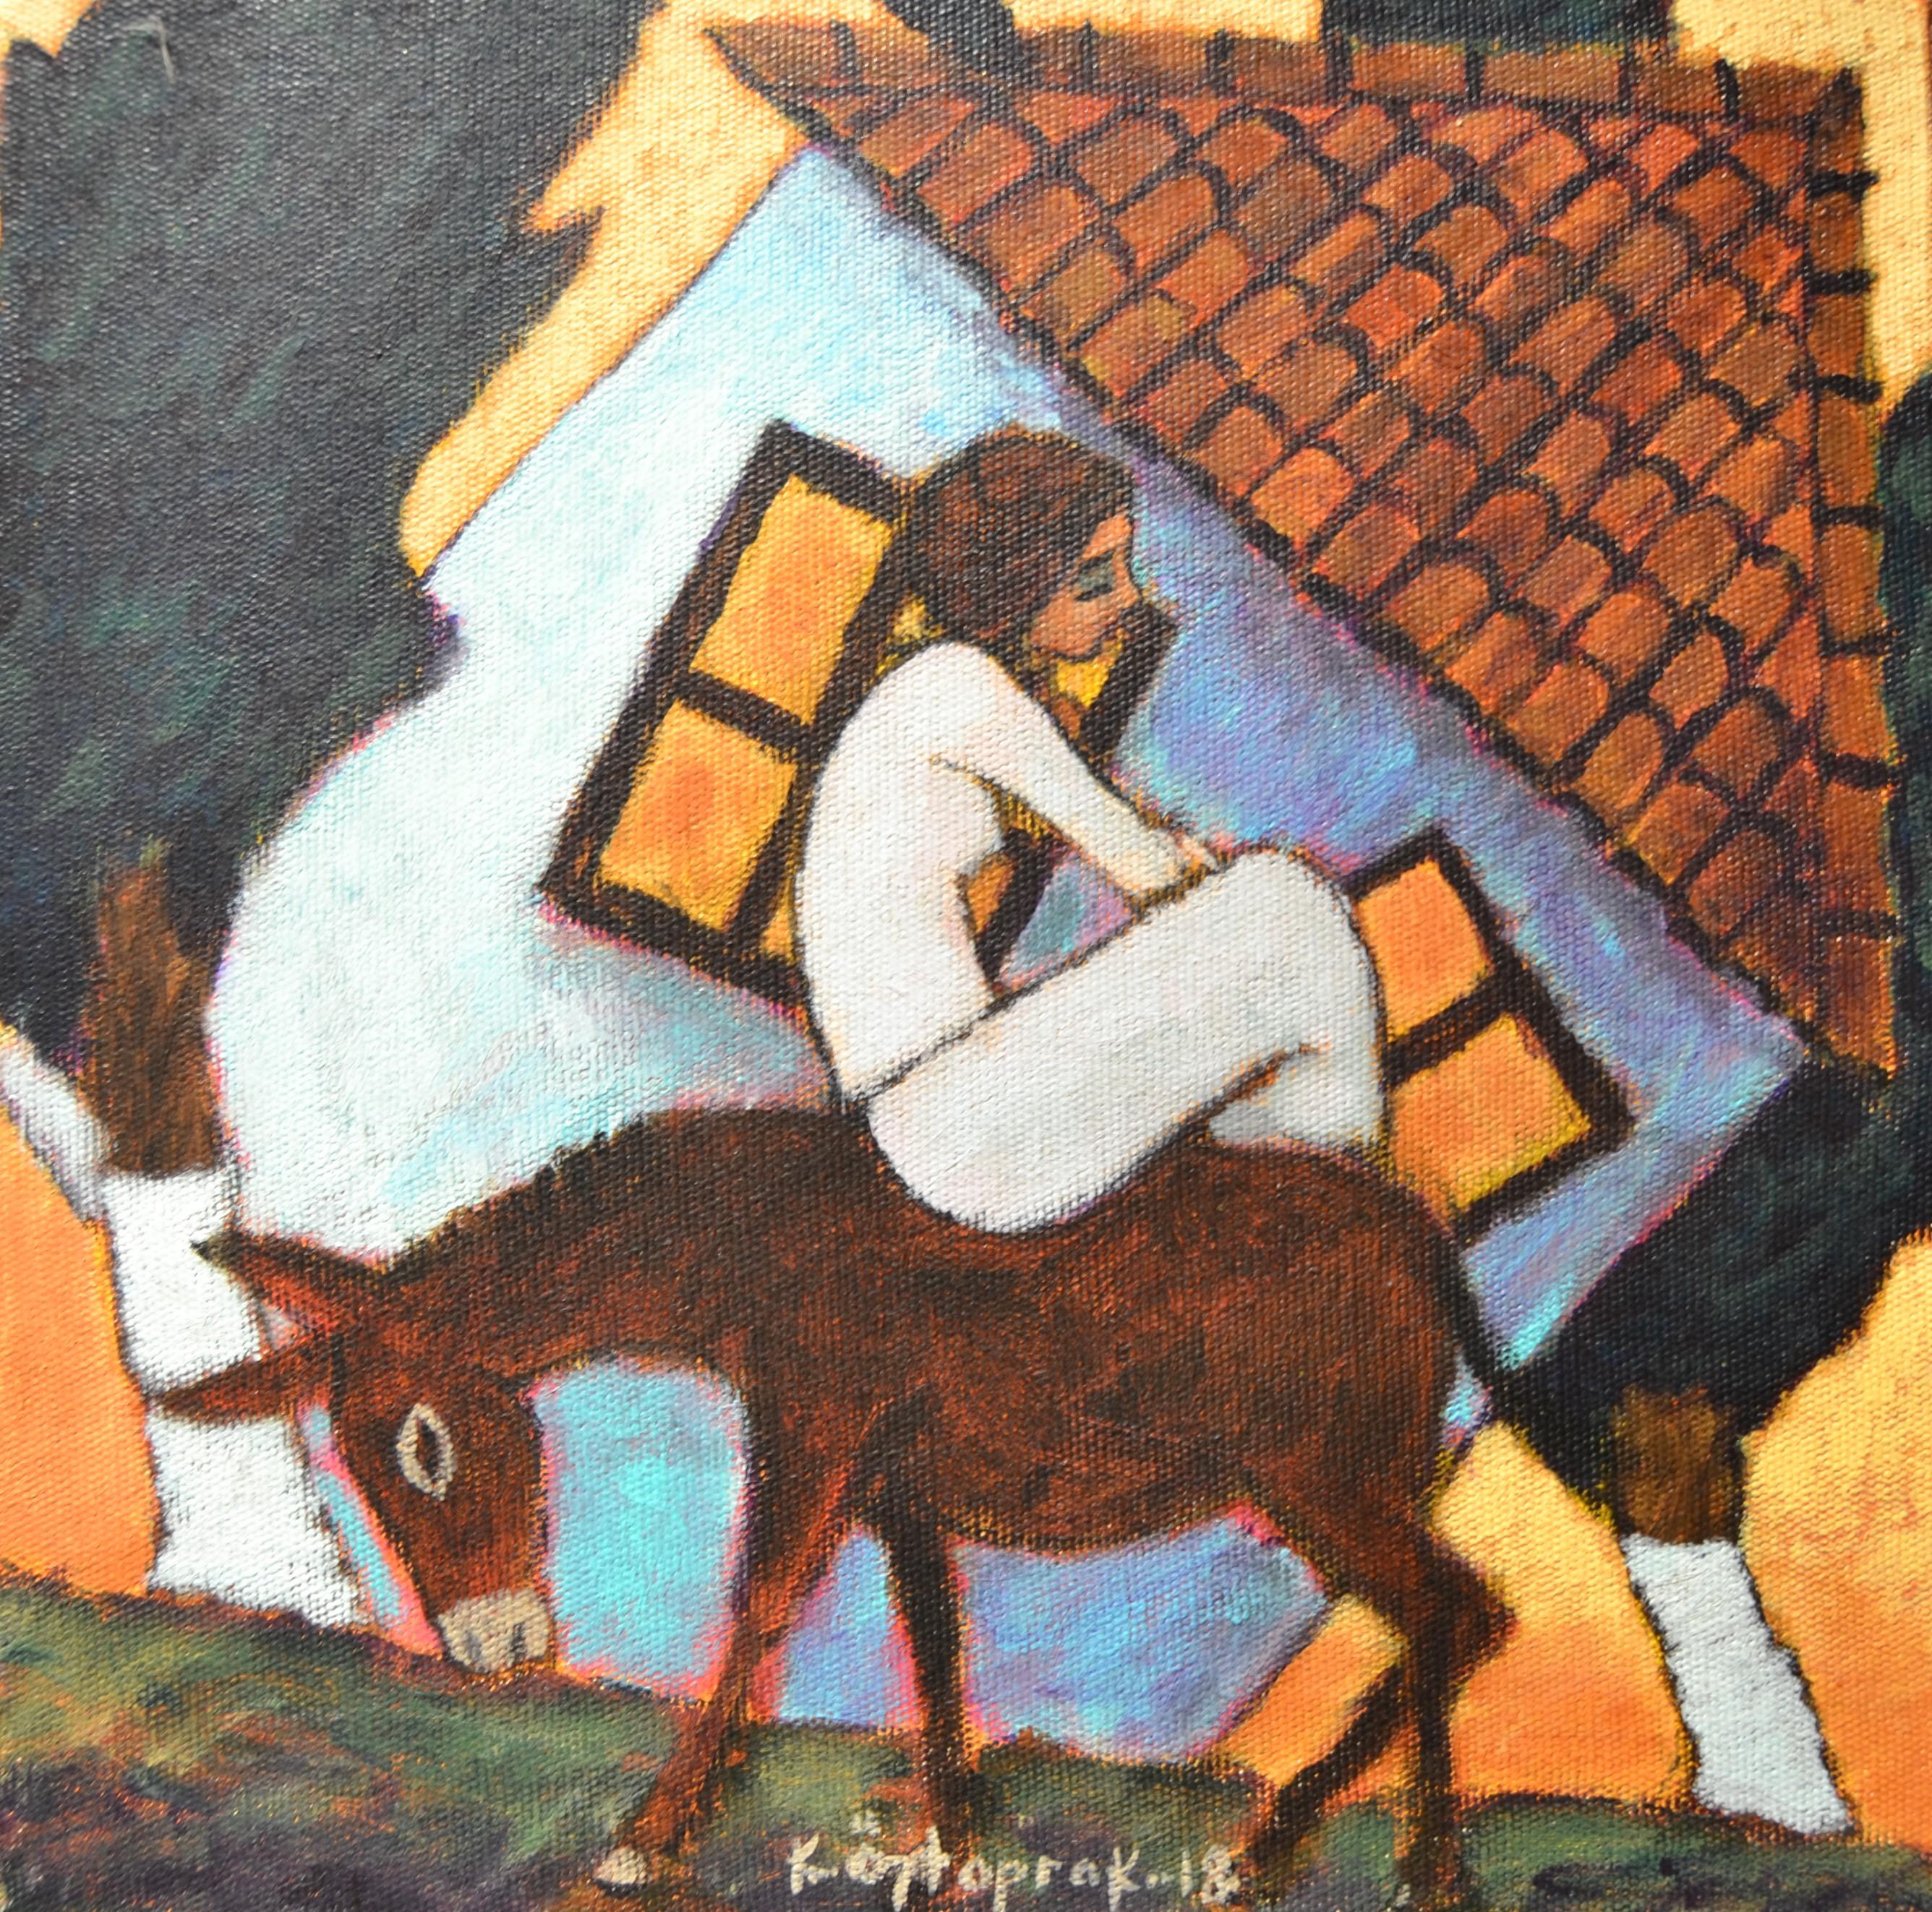 191-Kadir Öztoprak 25x25 cm